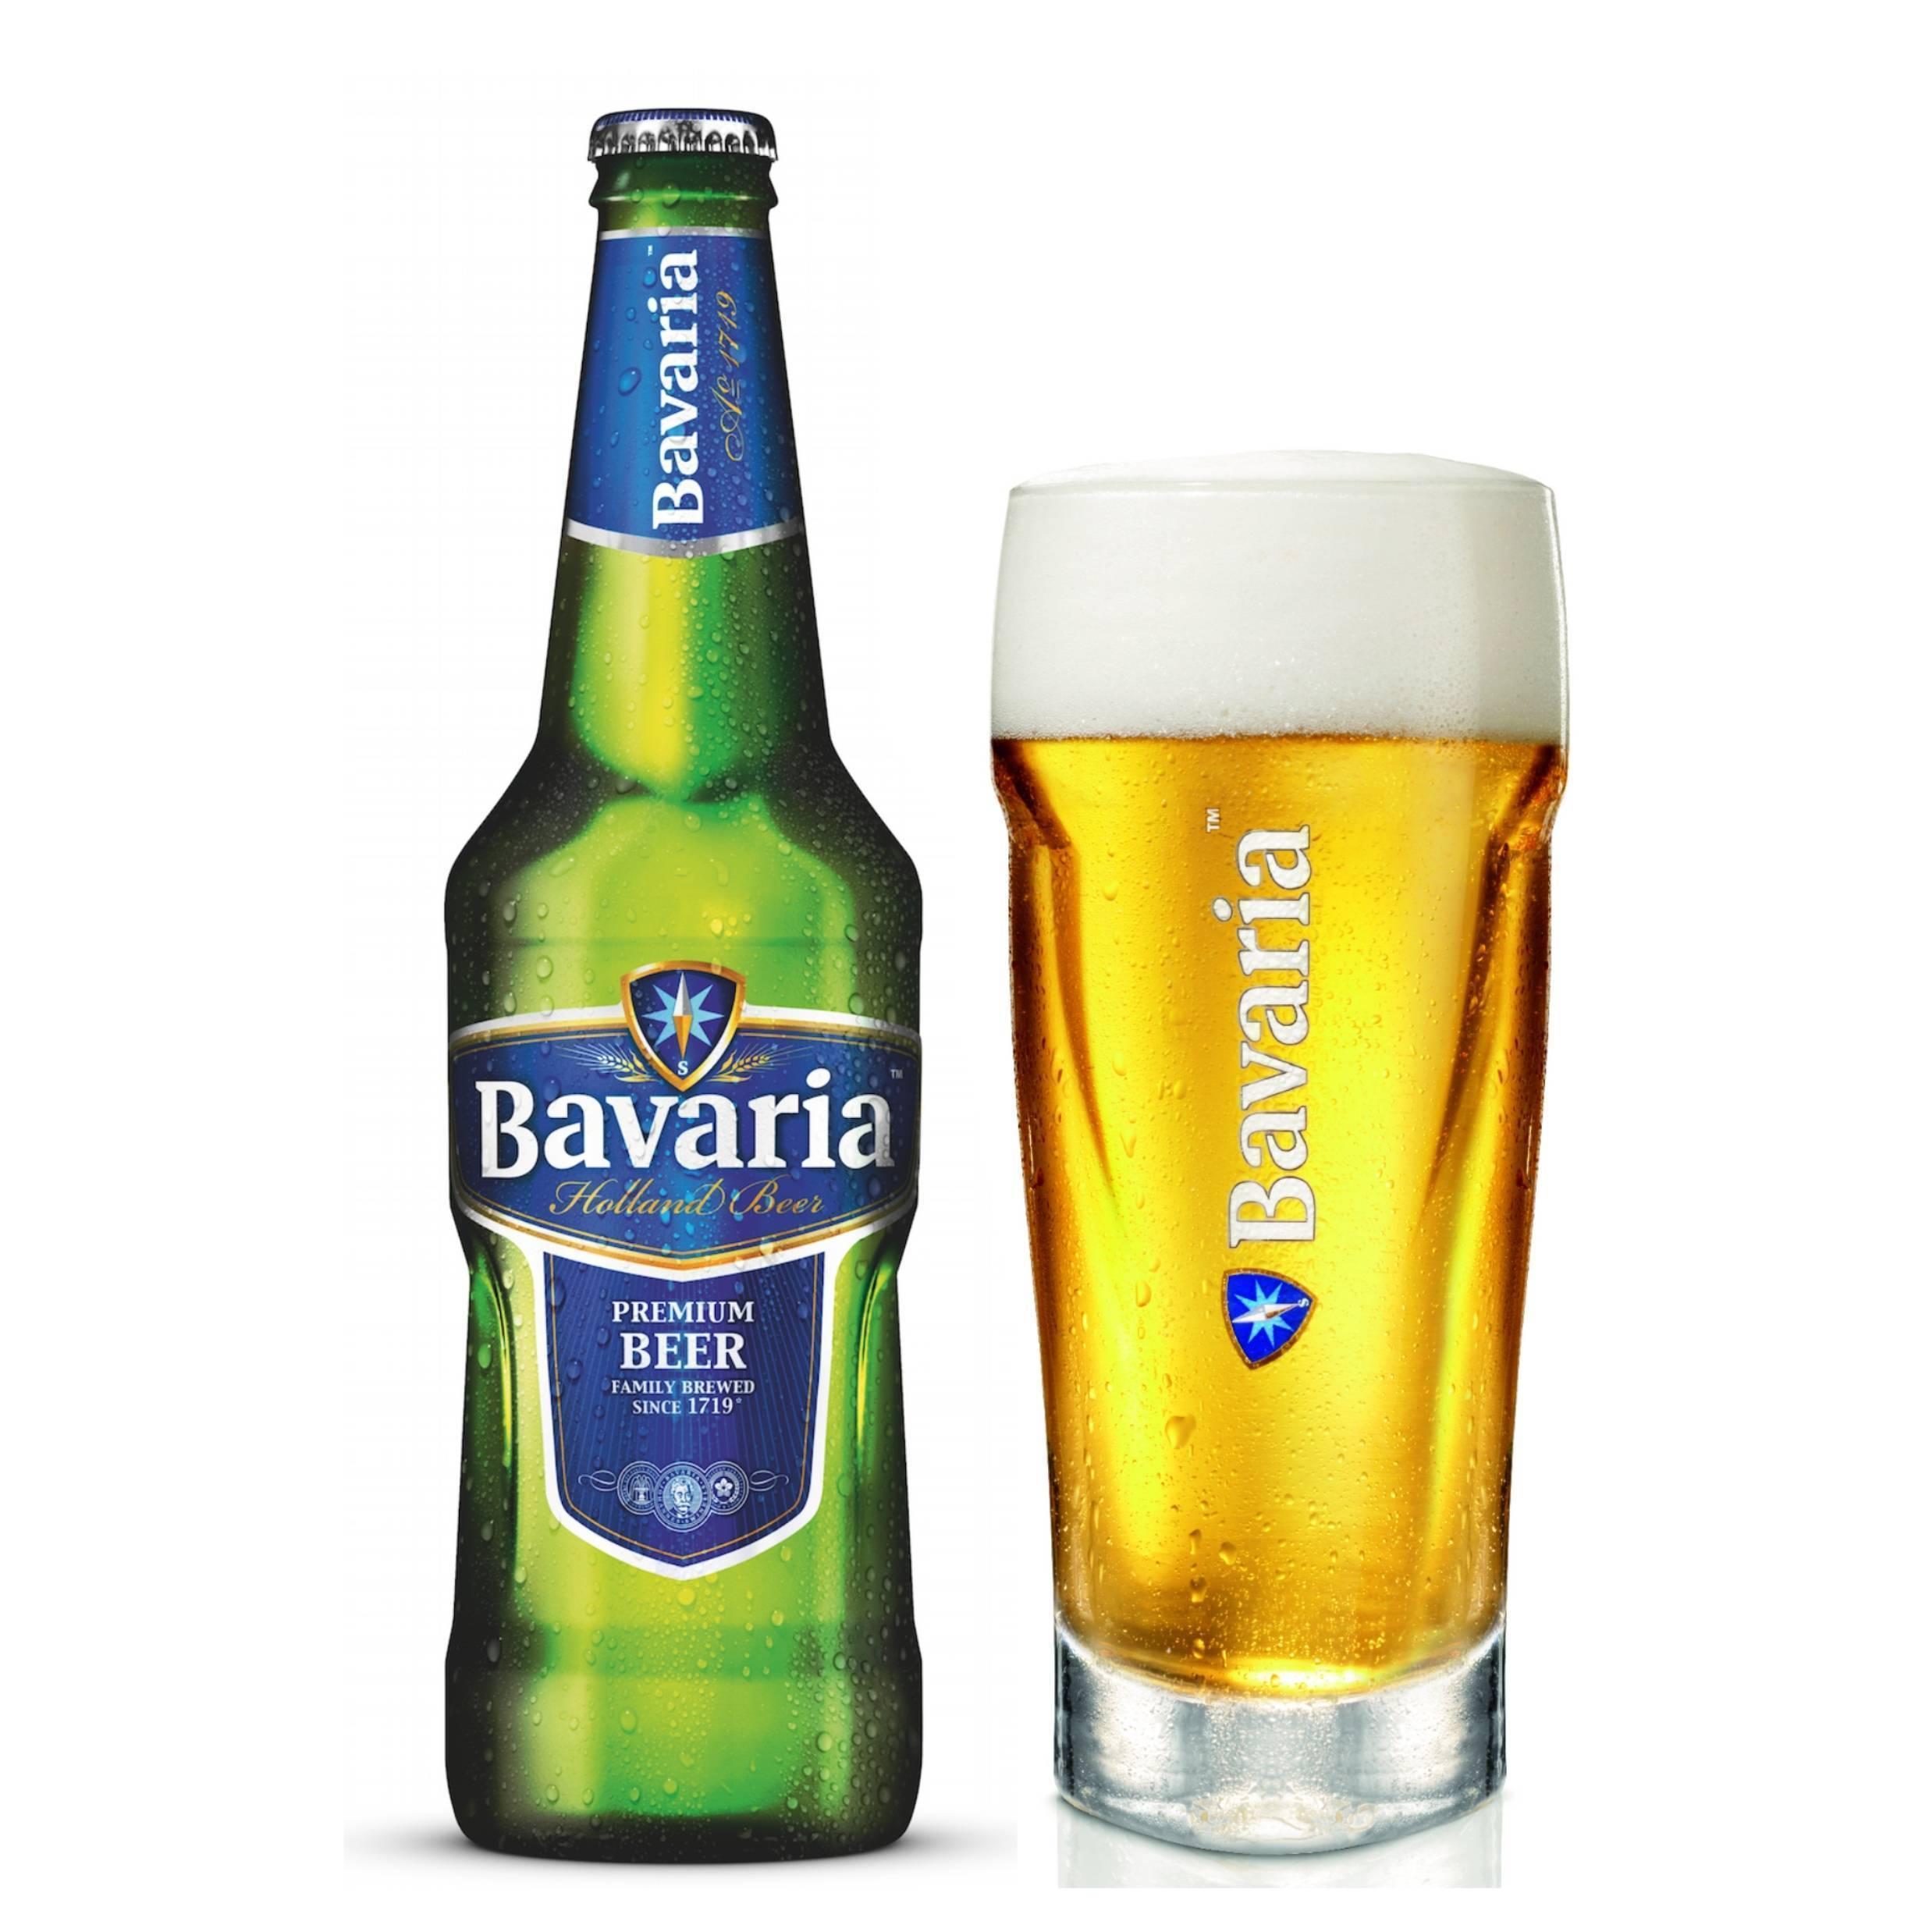 Пиво bavaria (бавария) — история возникновения и характеристика